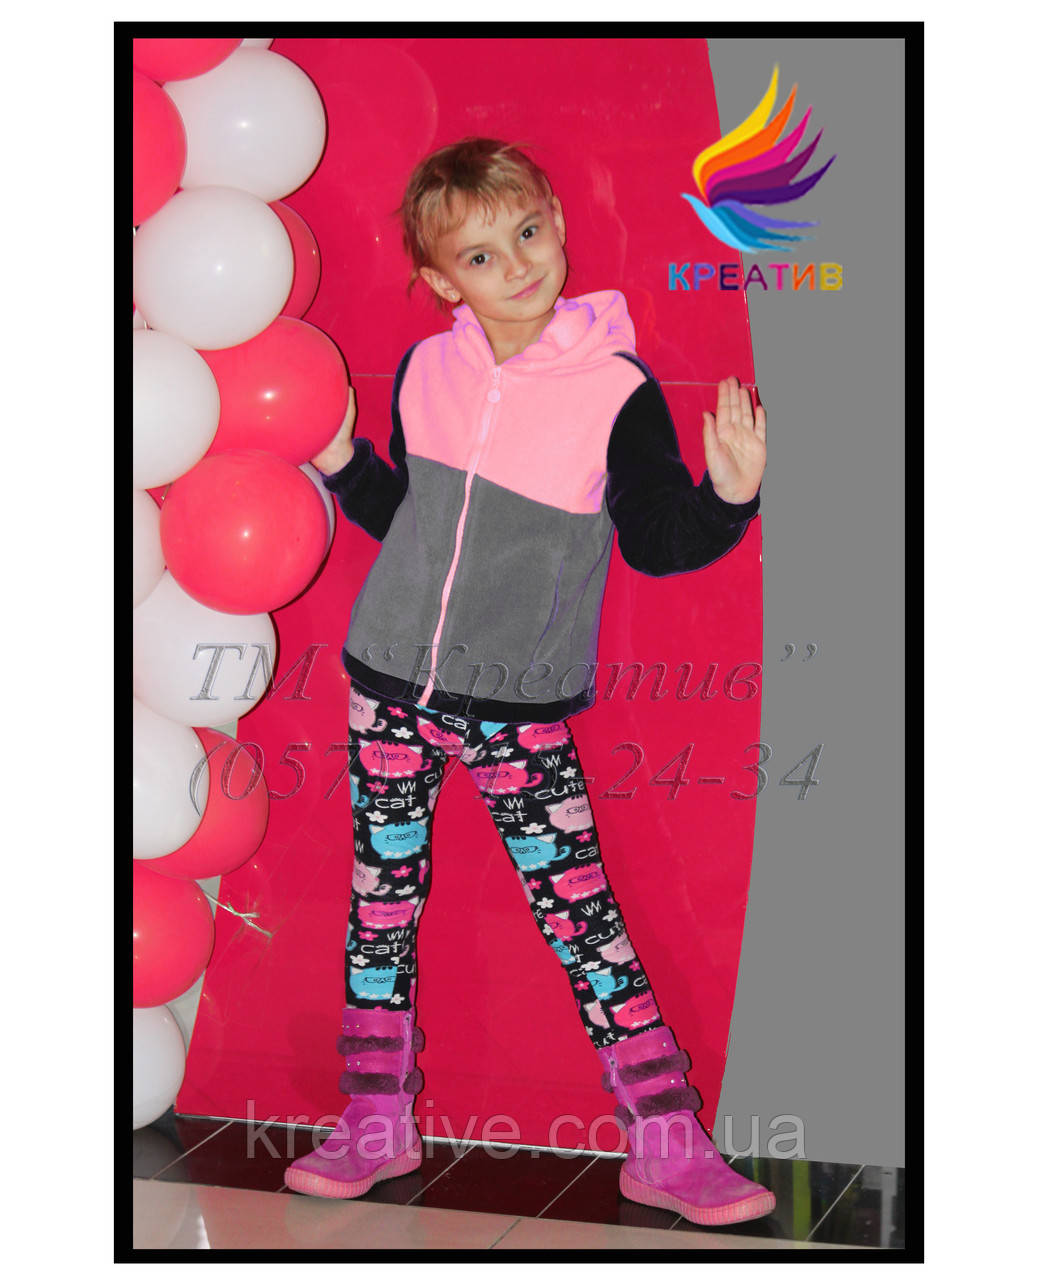 Детские кофты, свитшоты, свитера, толстовки, худи с Вашим логотипом  (заказ от 50 шт.)